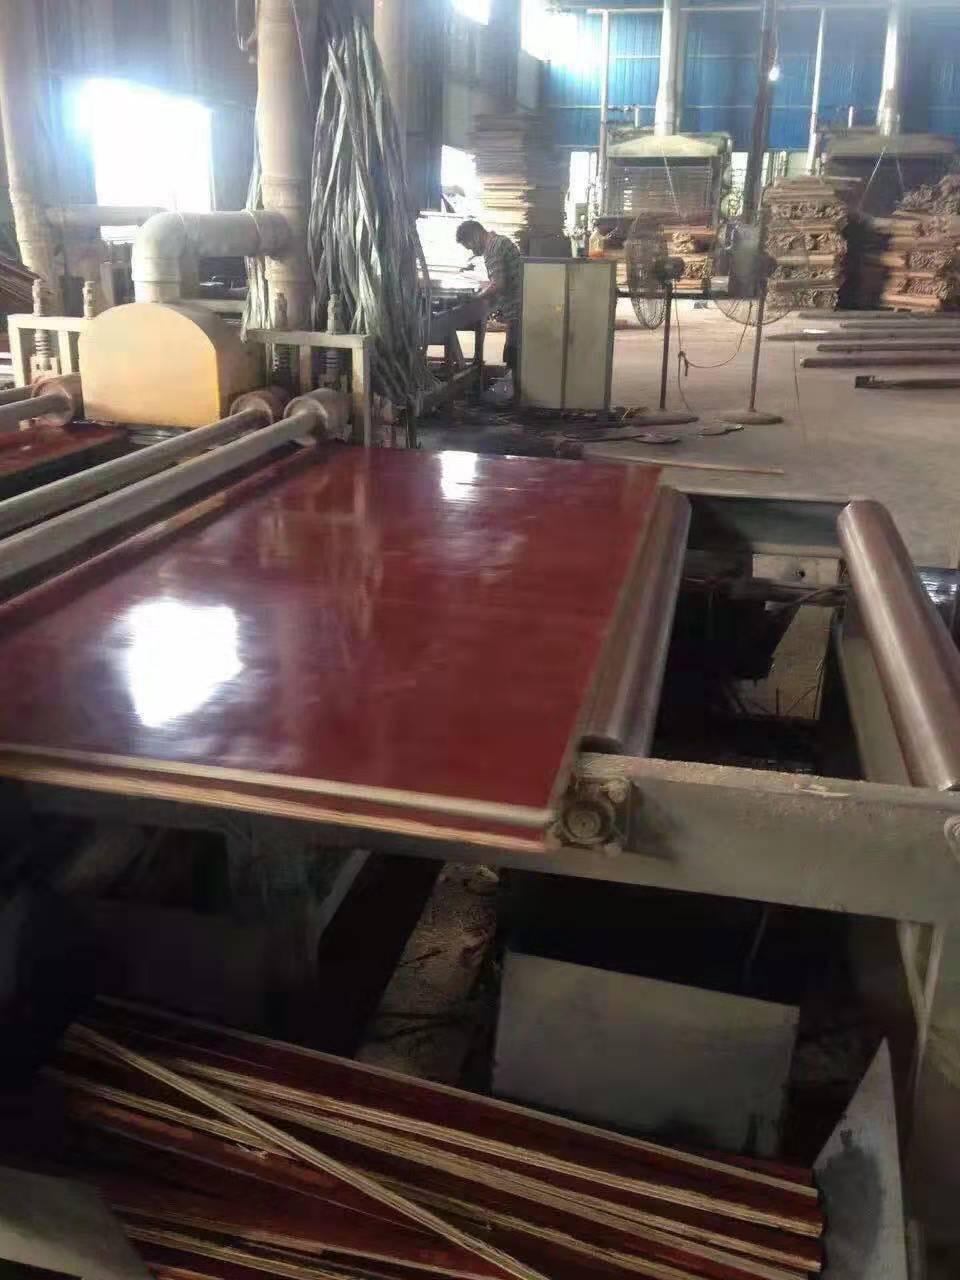 钦州市建筑工程塑料模板价格 建筑工程塑料模板批发 塑料模板厂家